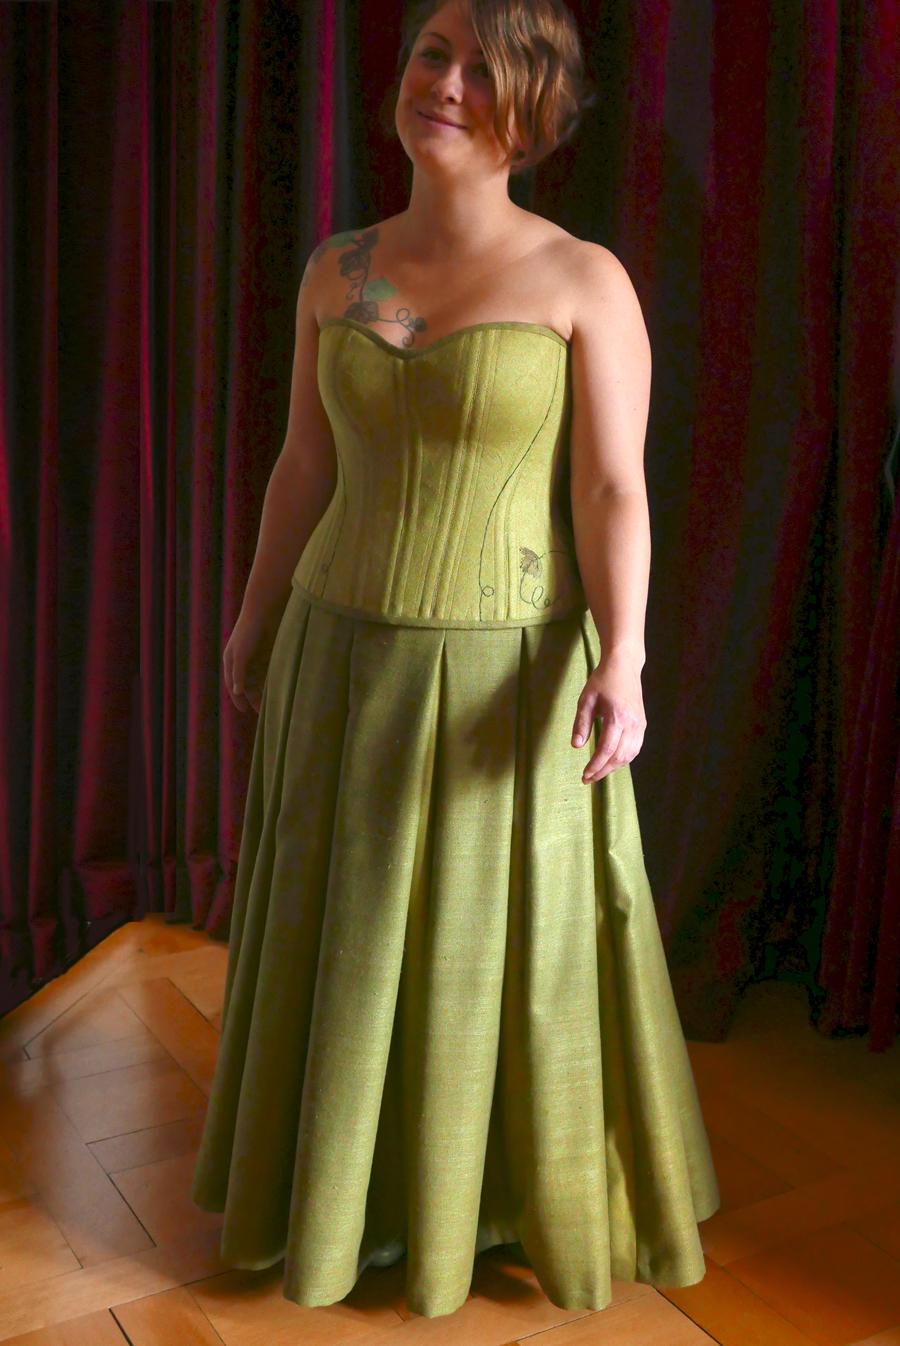 Hochzeitskorsett angefertigt von Beata Sievi. Wedding-corset by Beata Sievi Corset